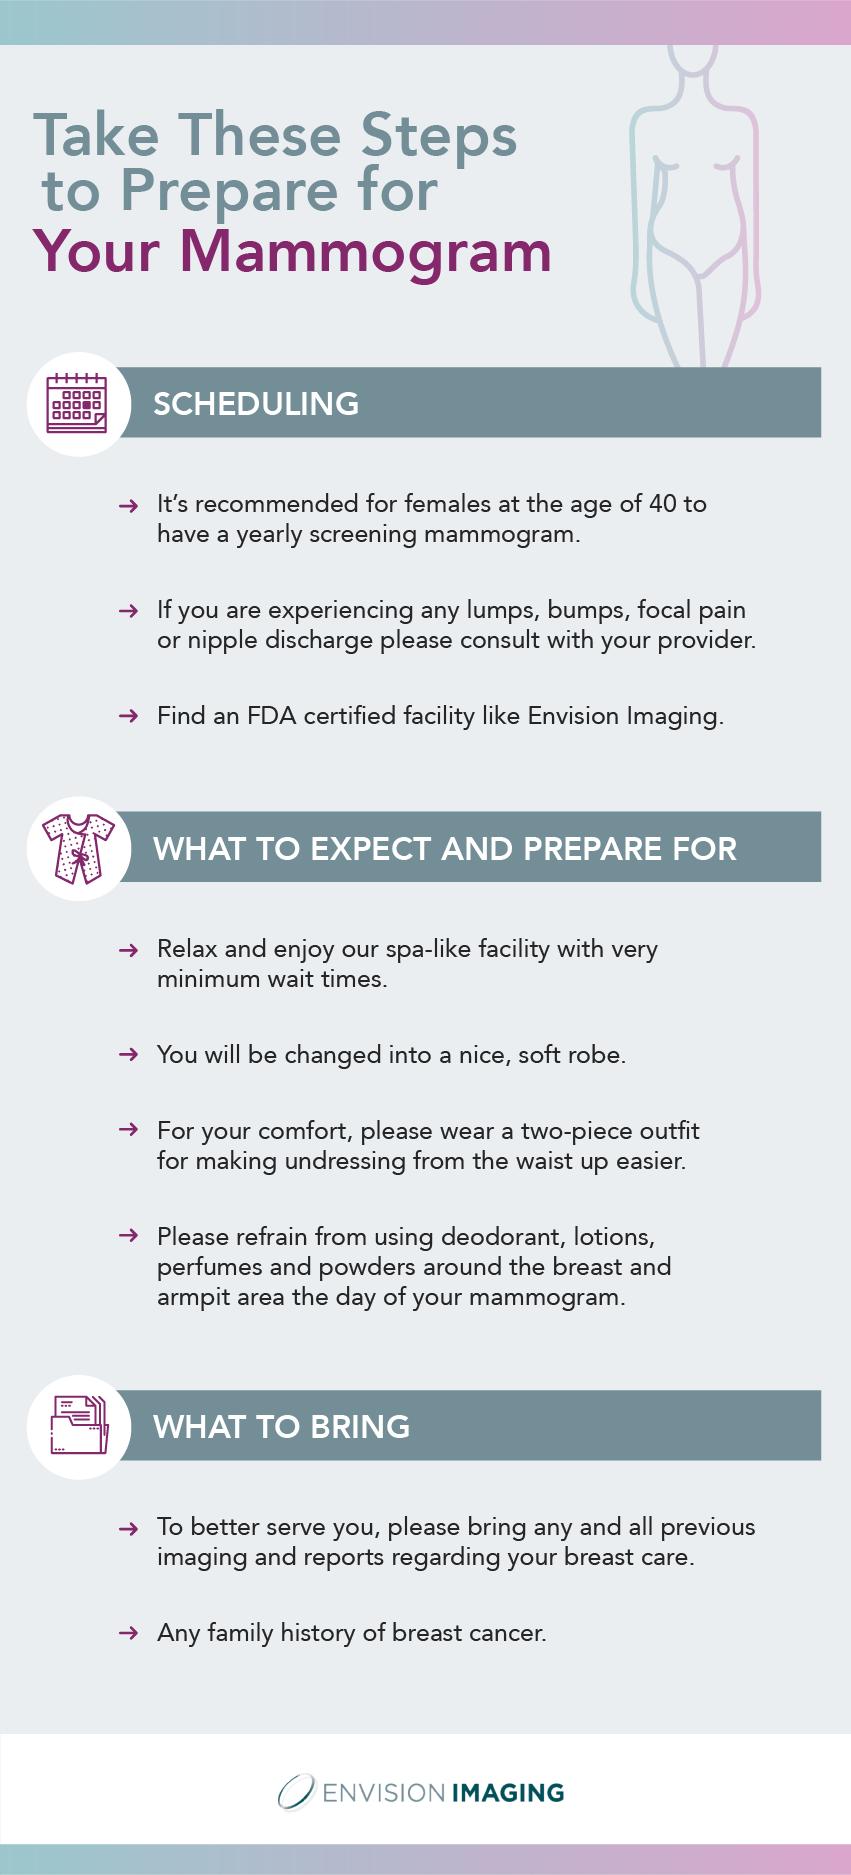 How to Prepare for a Mammogram